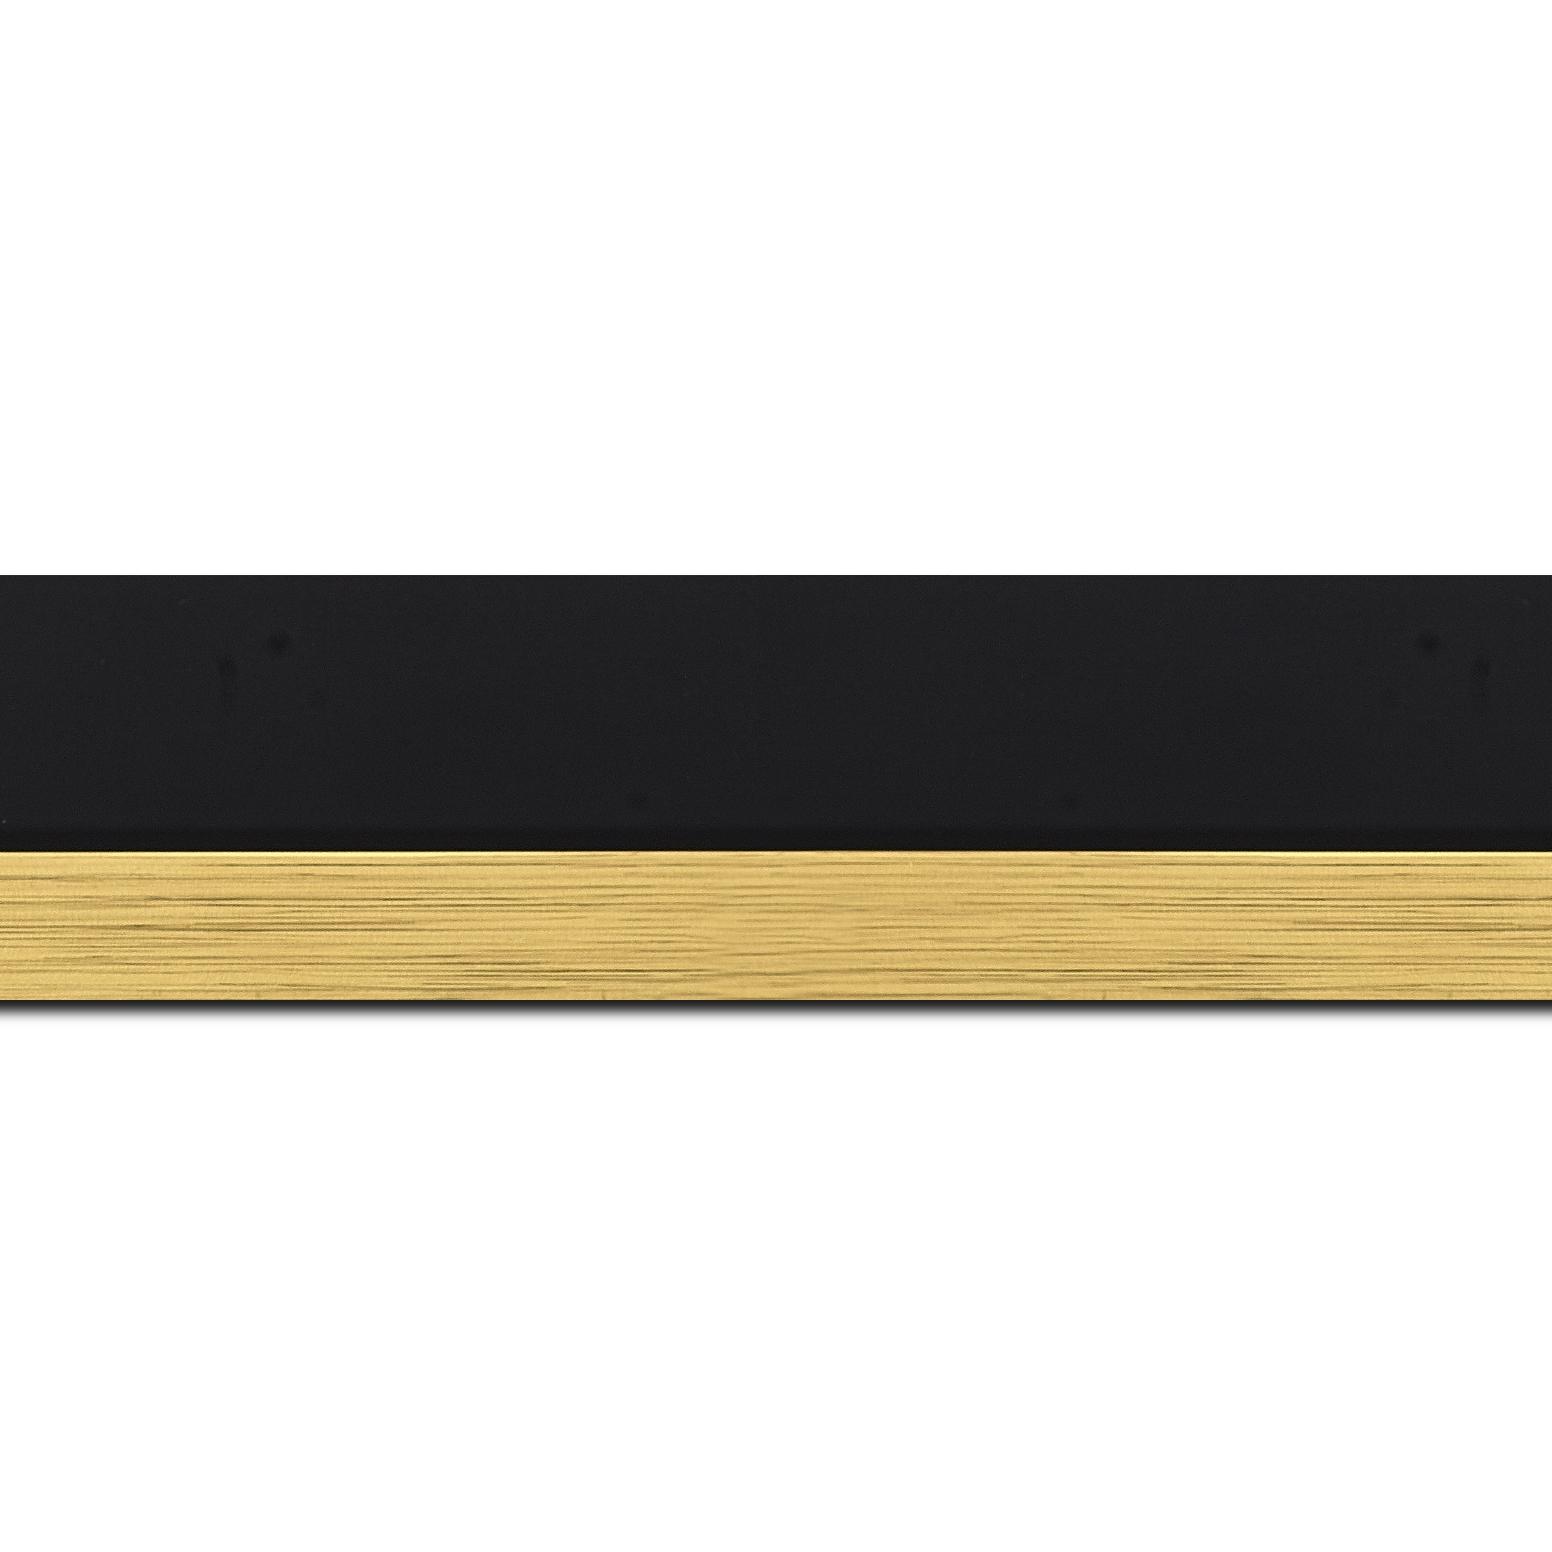 Pack par 12m, bois profil plat largeur 4.5cm couleur noir mat nez or finition pore bouché (longueur baguette pouvant varier entre 2.40m et 3m selon arrivage des bois)